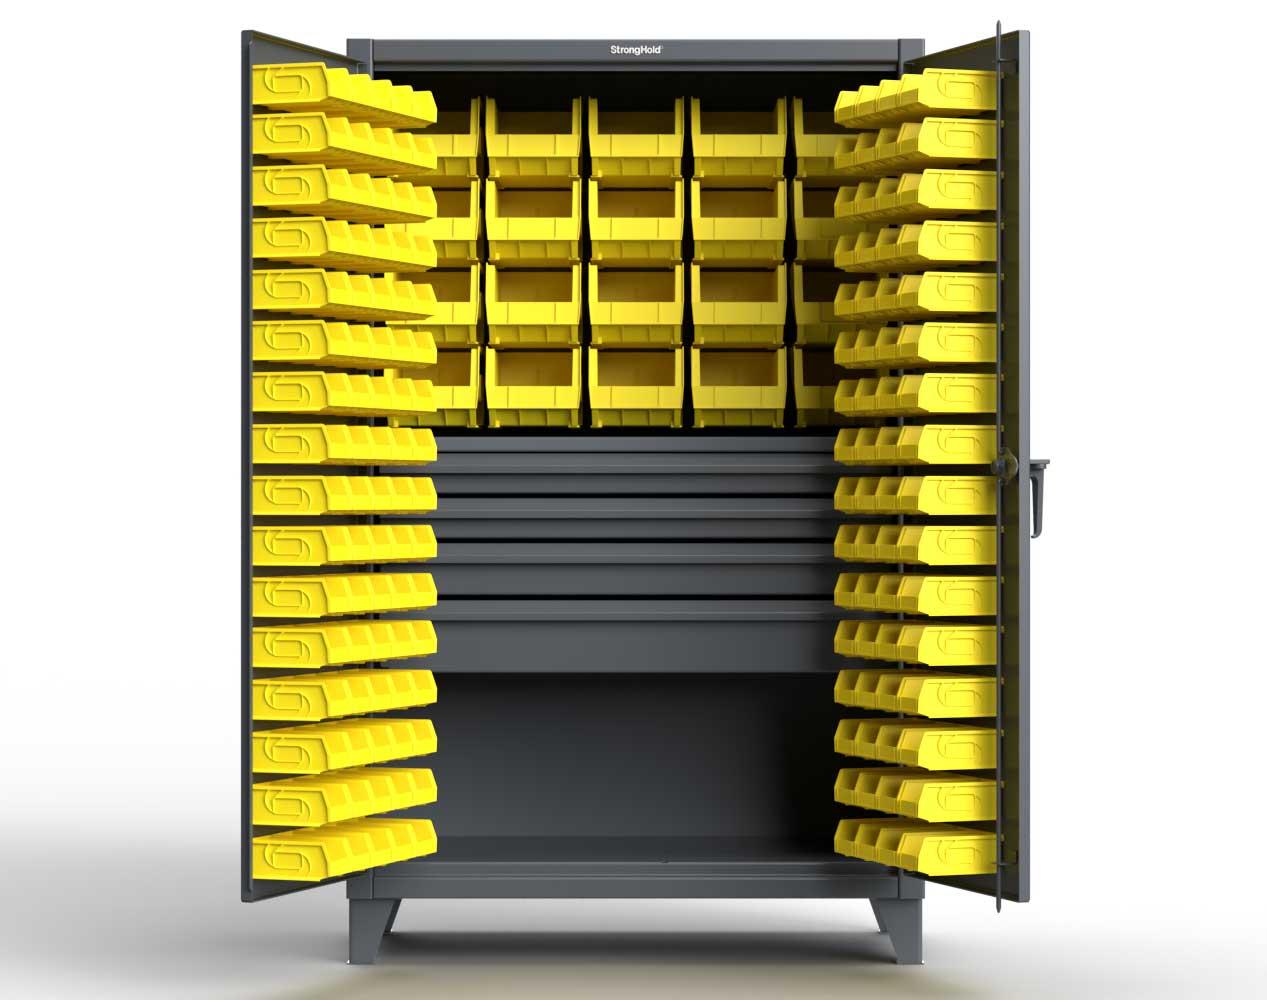 Extra Heavy Duty 12 GA Bin Cabinet with Multiple Sized Bins, 4 Drawers, 1 Shelf – 48 In. W x 24 In. D x 78 In. H